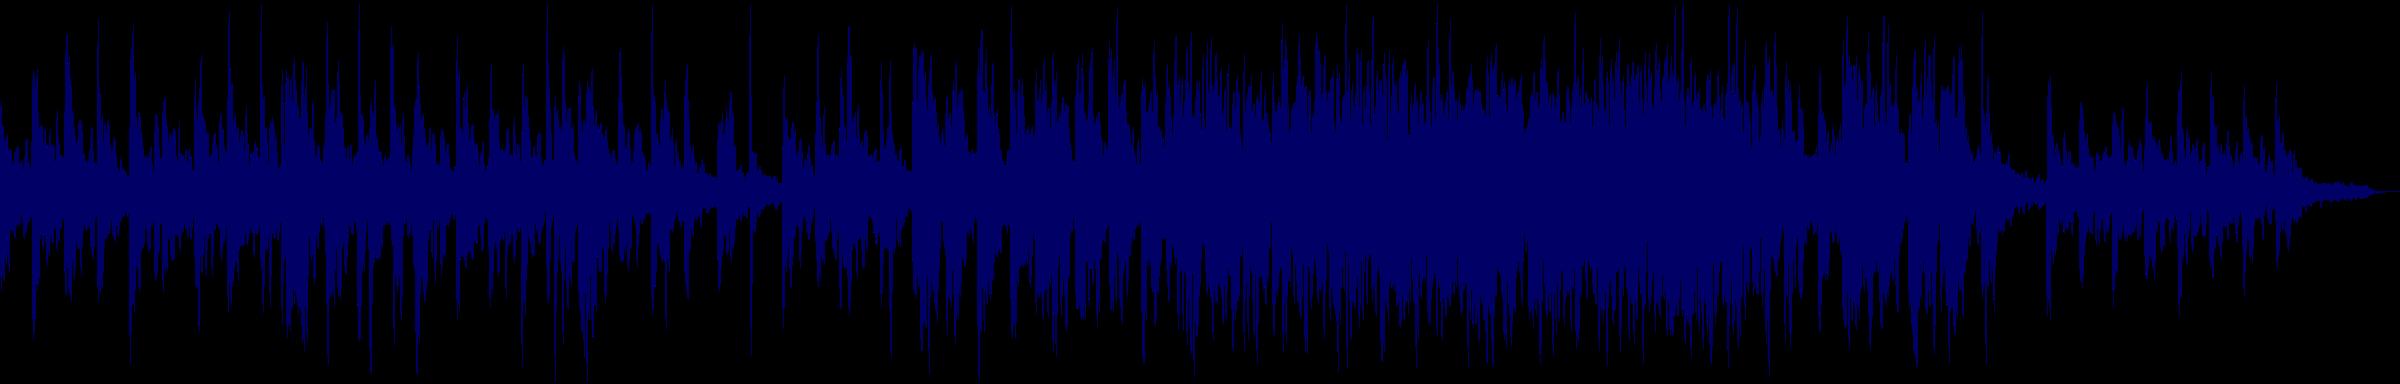 waveform of track #98295